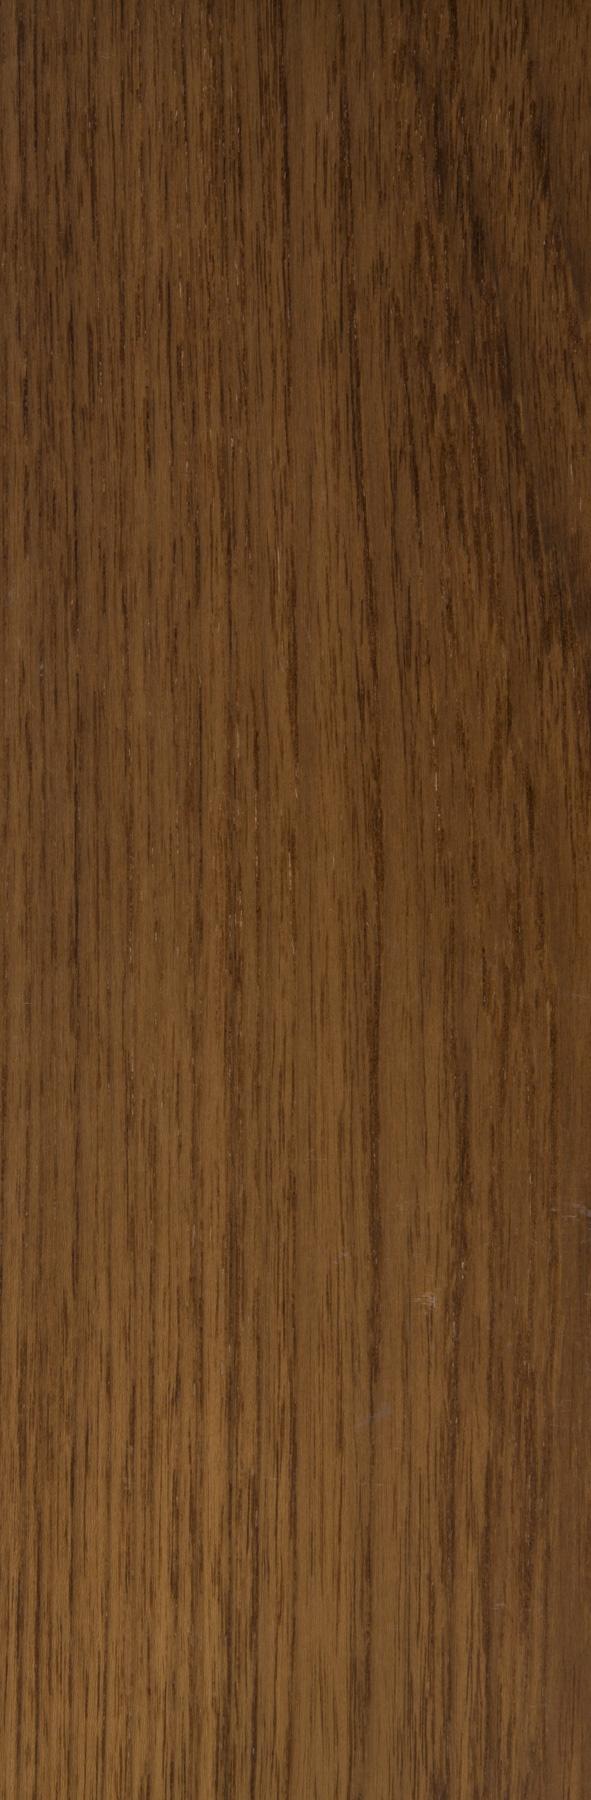 maderas-terramont-vitare-teak